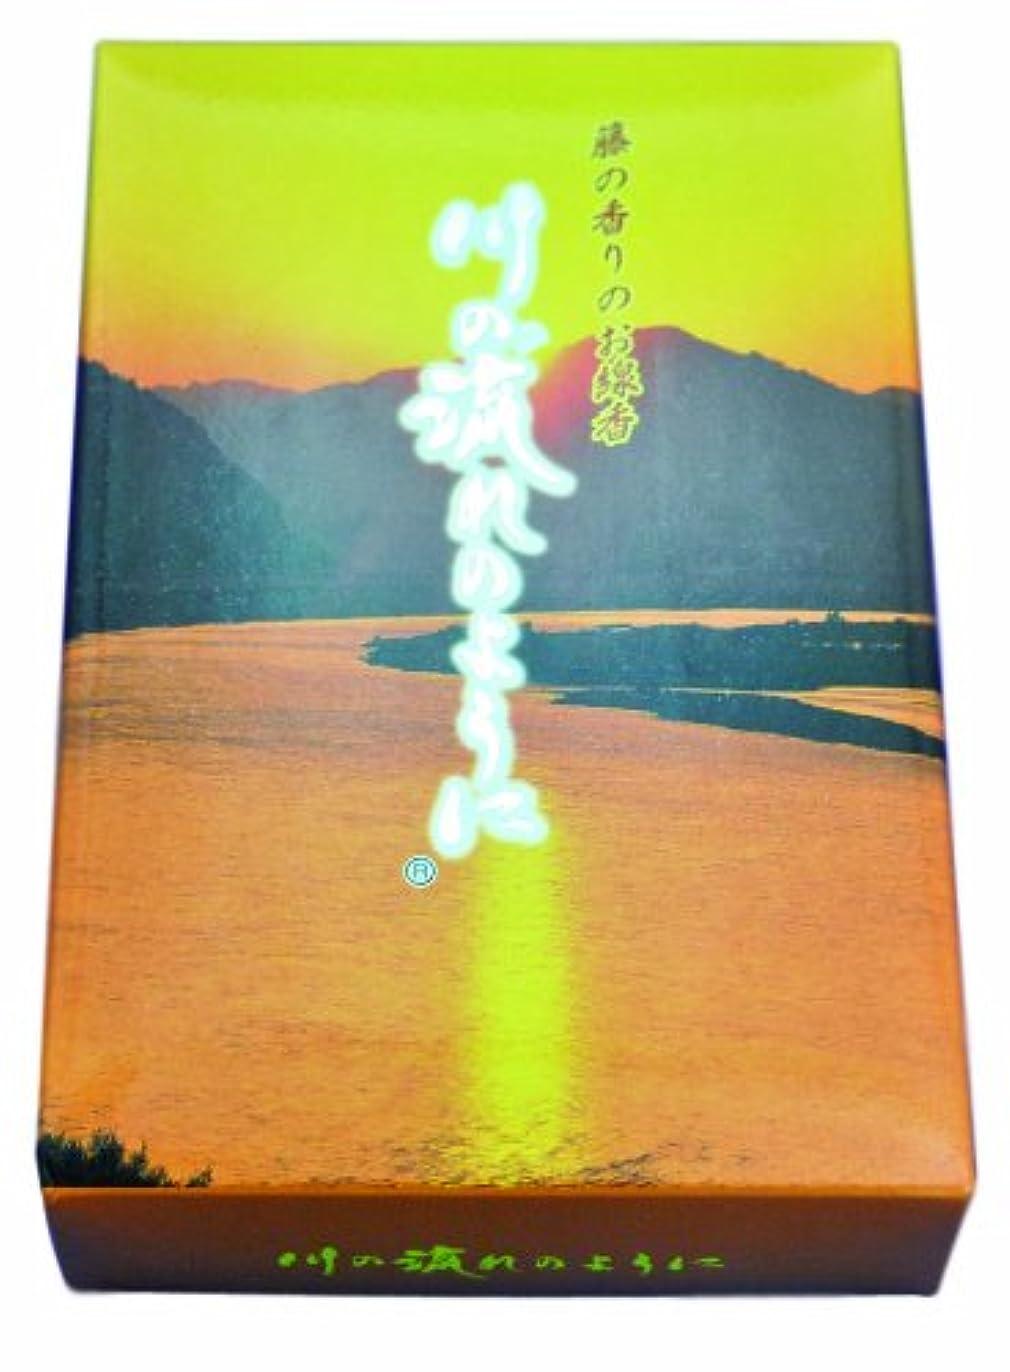 マイナスしっかり博覧会お線香 川の流れのように藤の香り 約140g 煙少タイプ